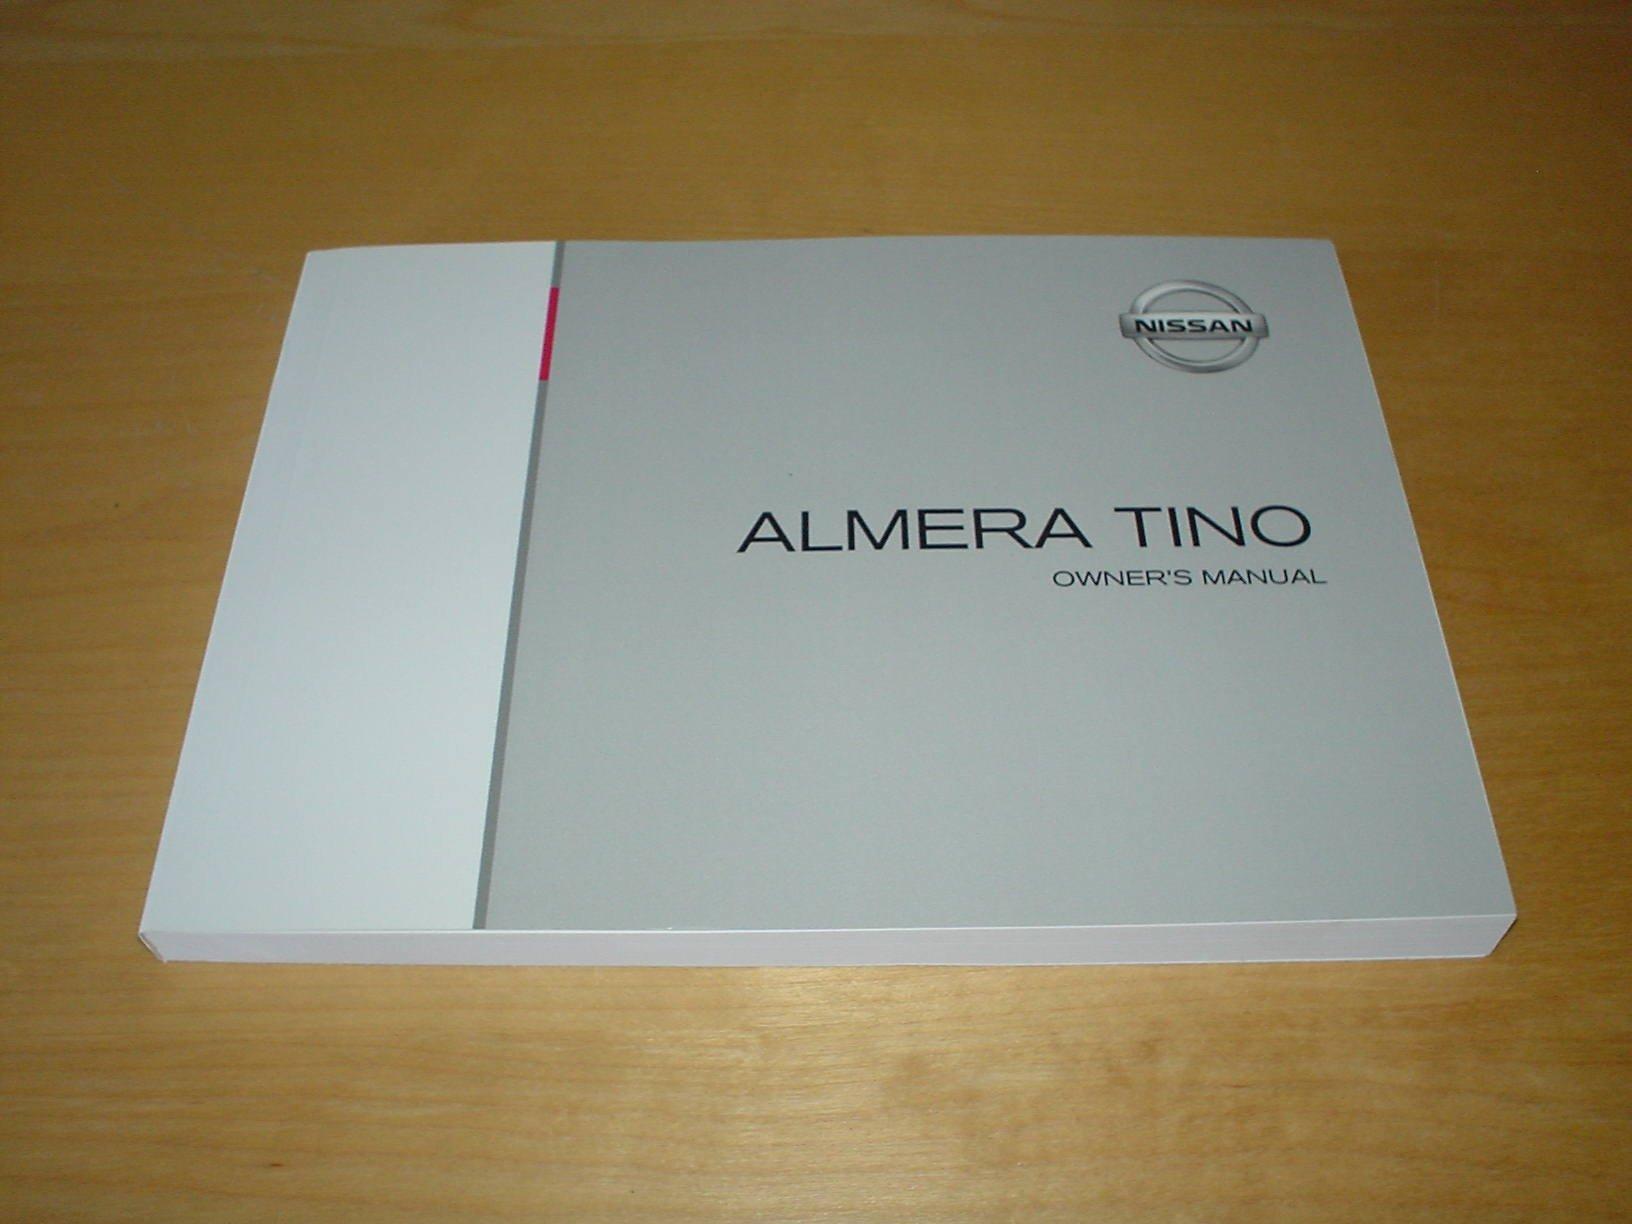 Almera Owners Manual 2000 Mercury Cougar Array Nissan Tino Handbook 2006 1 8 U0026 2 0 Rh